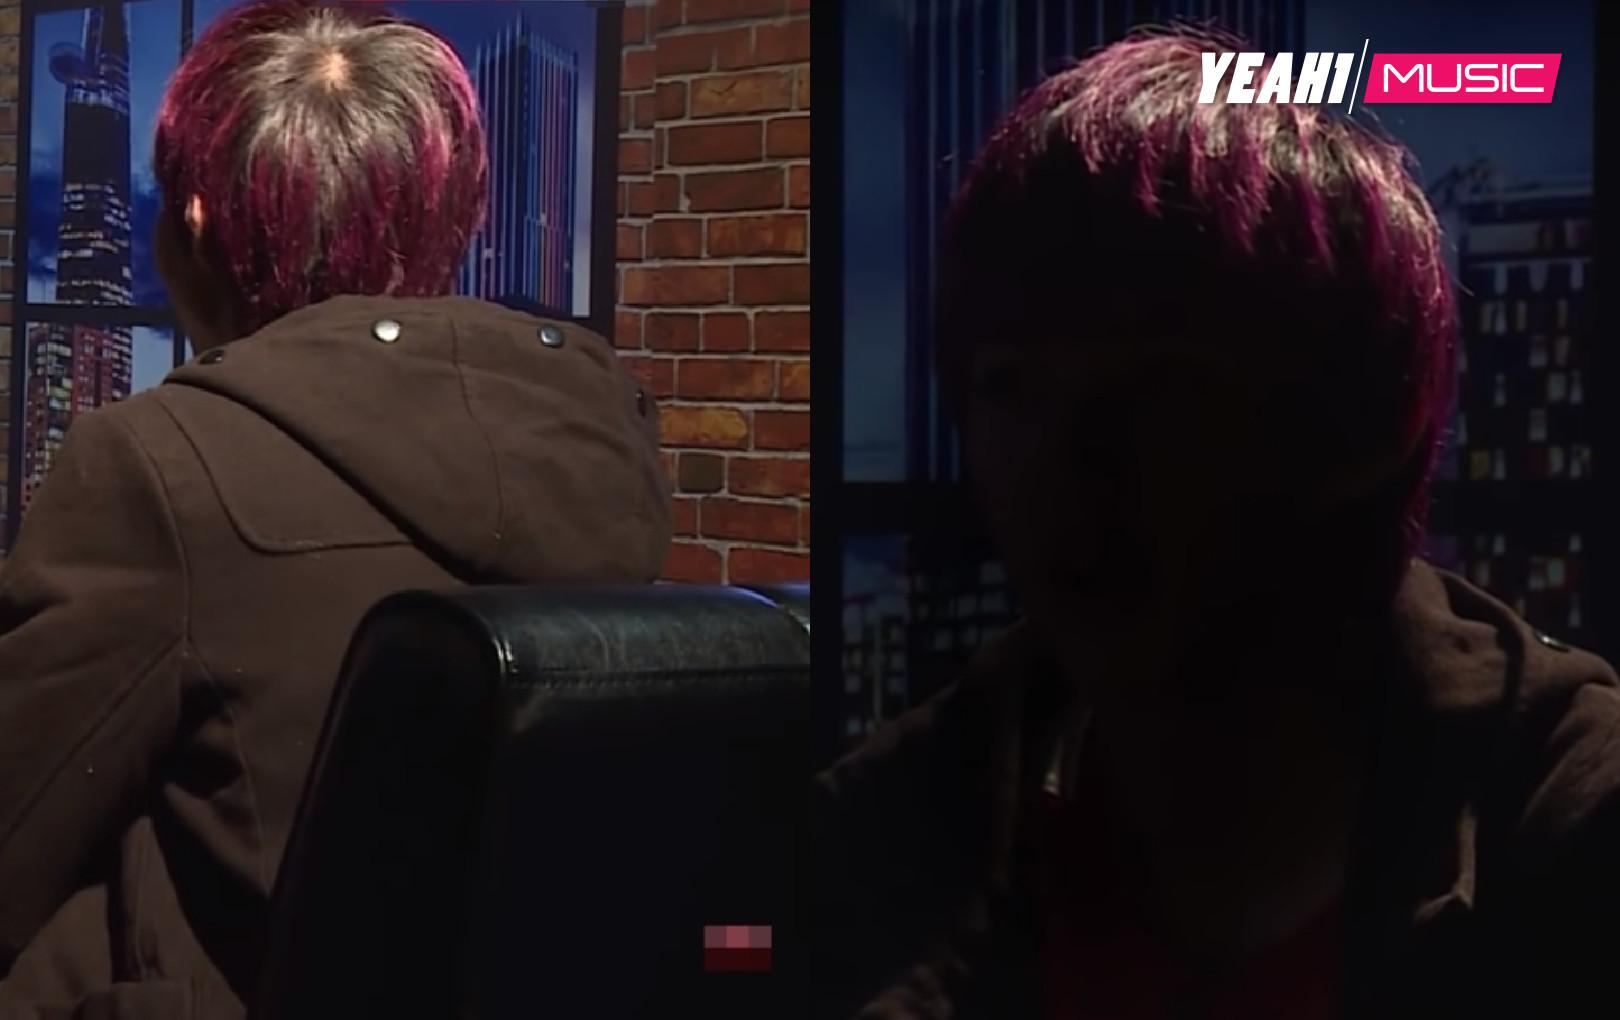 """Thành viên nhóm nhạc nam Vpop kể bị đánh đập, đuổi khỏi nhóm vì không chịu """"ngủ"""" với ông bầu"""